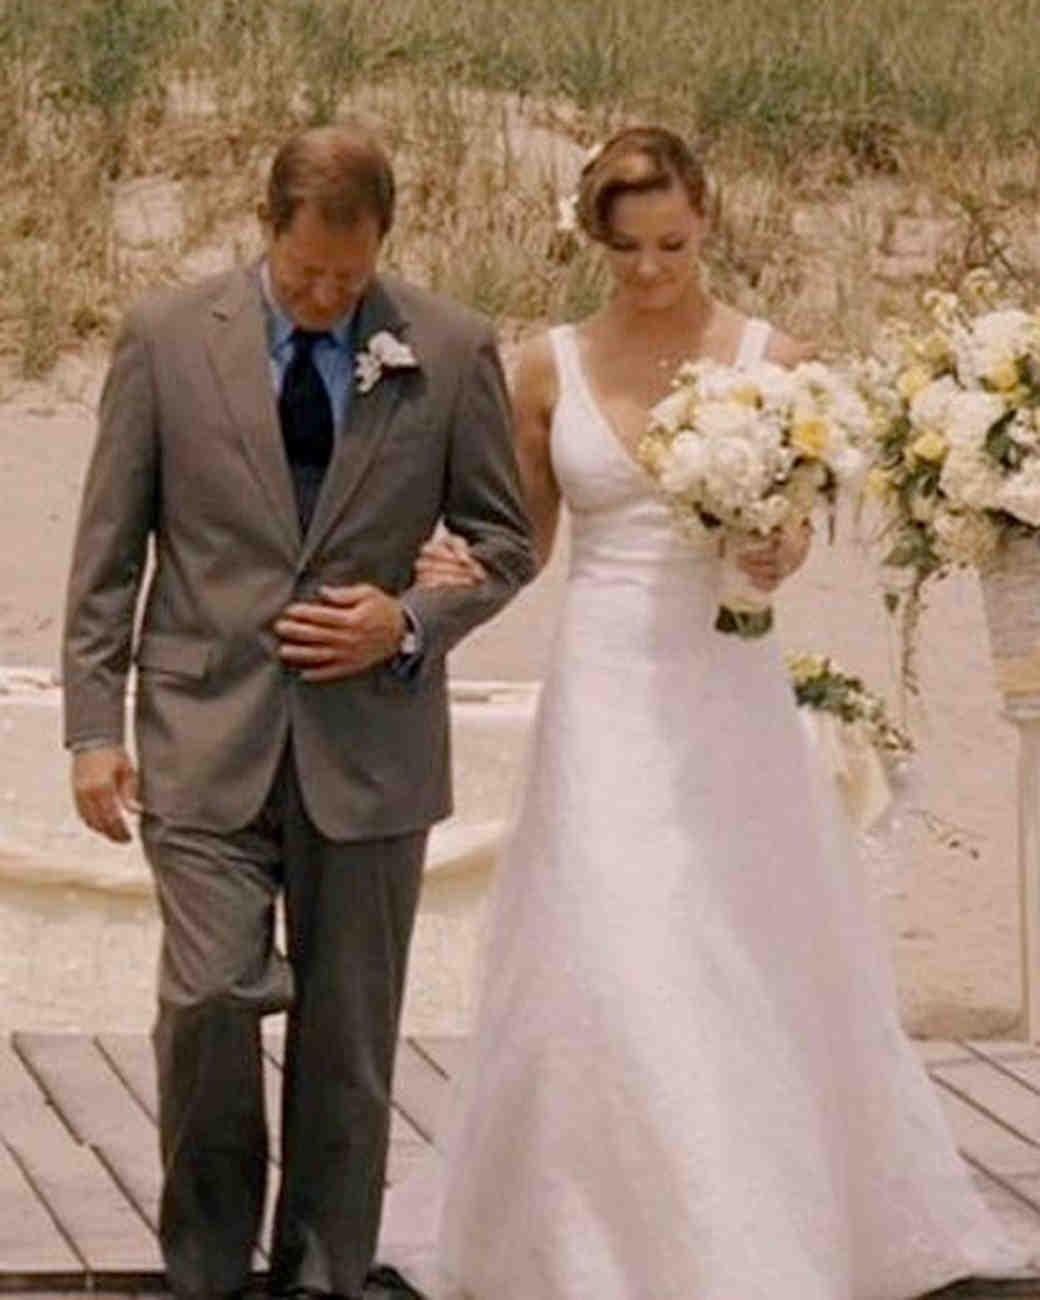 movie-wedding-dresses-27-dresses-katherine-heigl-0316.jpg